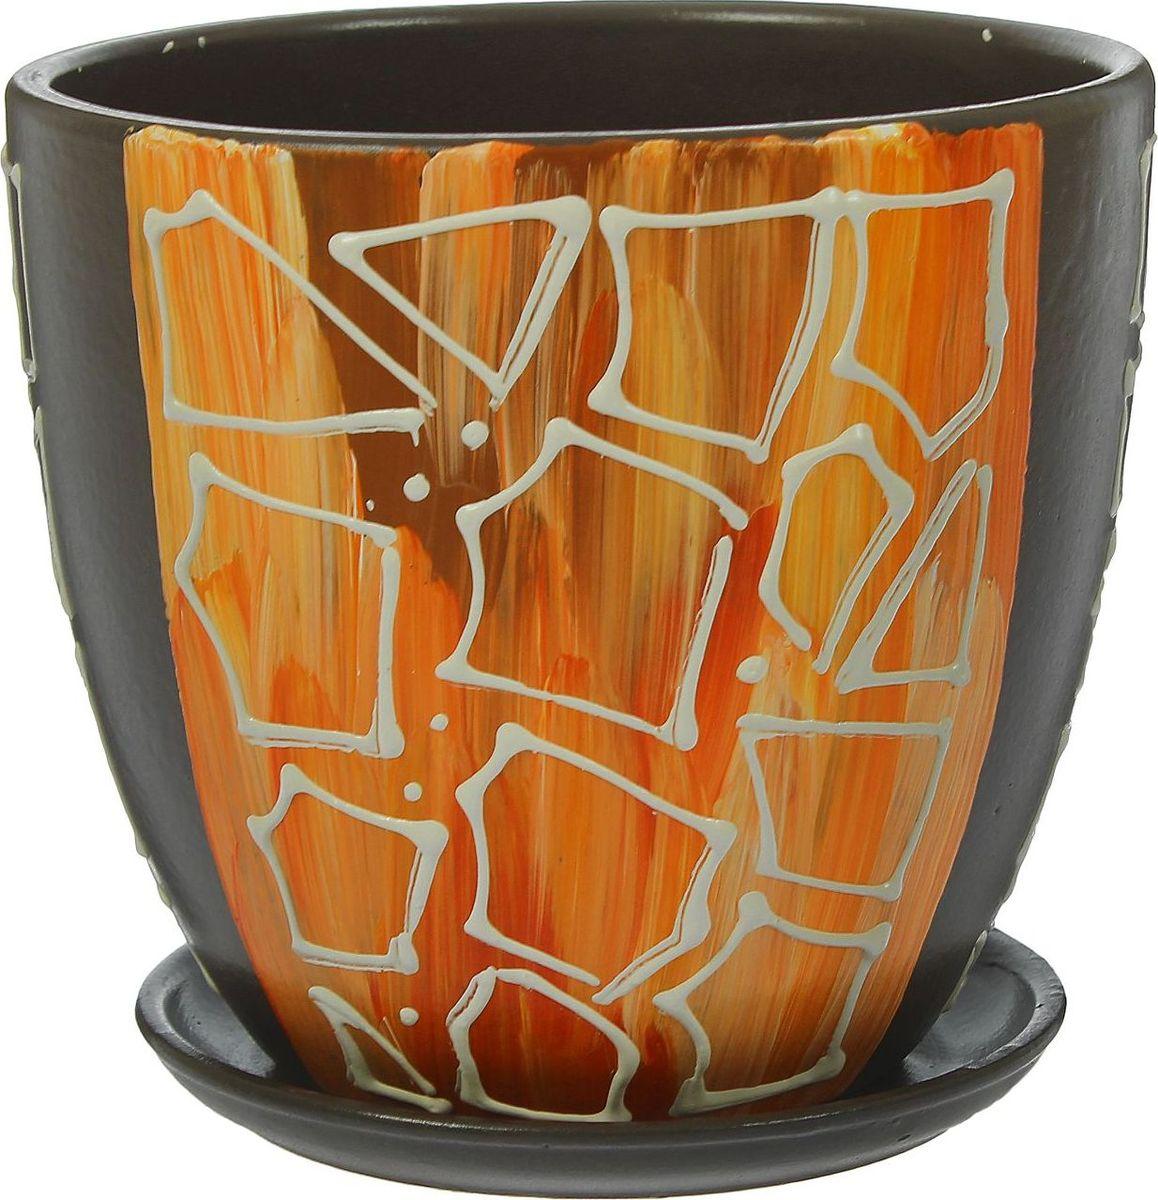 Кашпо Флейм, 2,6 л1369842Комнатные растения — всеобщие любимцы. Они радуют глаз, насыщают помещение кислородом и украшают пространство. Каждому из них необходим свой удобный и красивый дом. Кашпо из керамики прекрасно подходят для высадки растений: за счёт пластичности глины и разных способов обработки существует великое множество форм и дизайновпористый материал позволяет испаряться лишней влагевоздух, необходимый для дыхания корней, проникает сквозь керамические стенки! #name# позаботится о зелёном питомце, освежит интерьер и подчеркнёт его стиль.